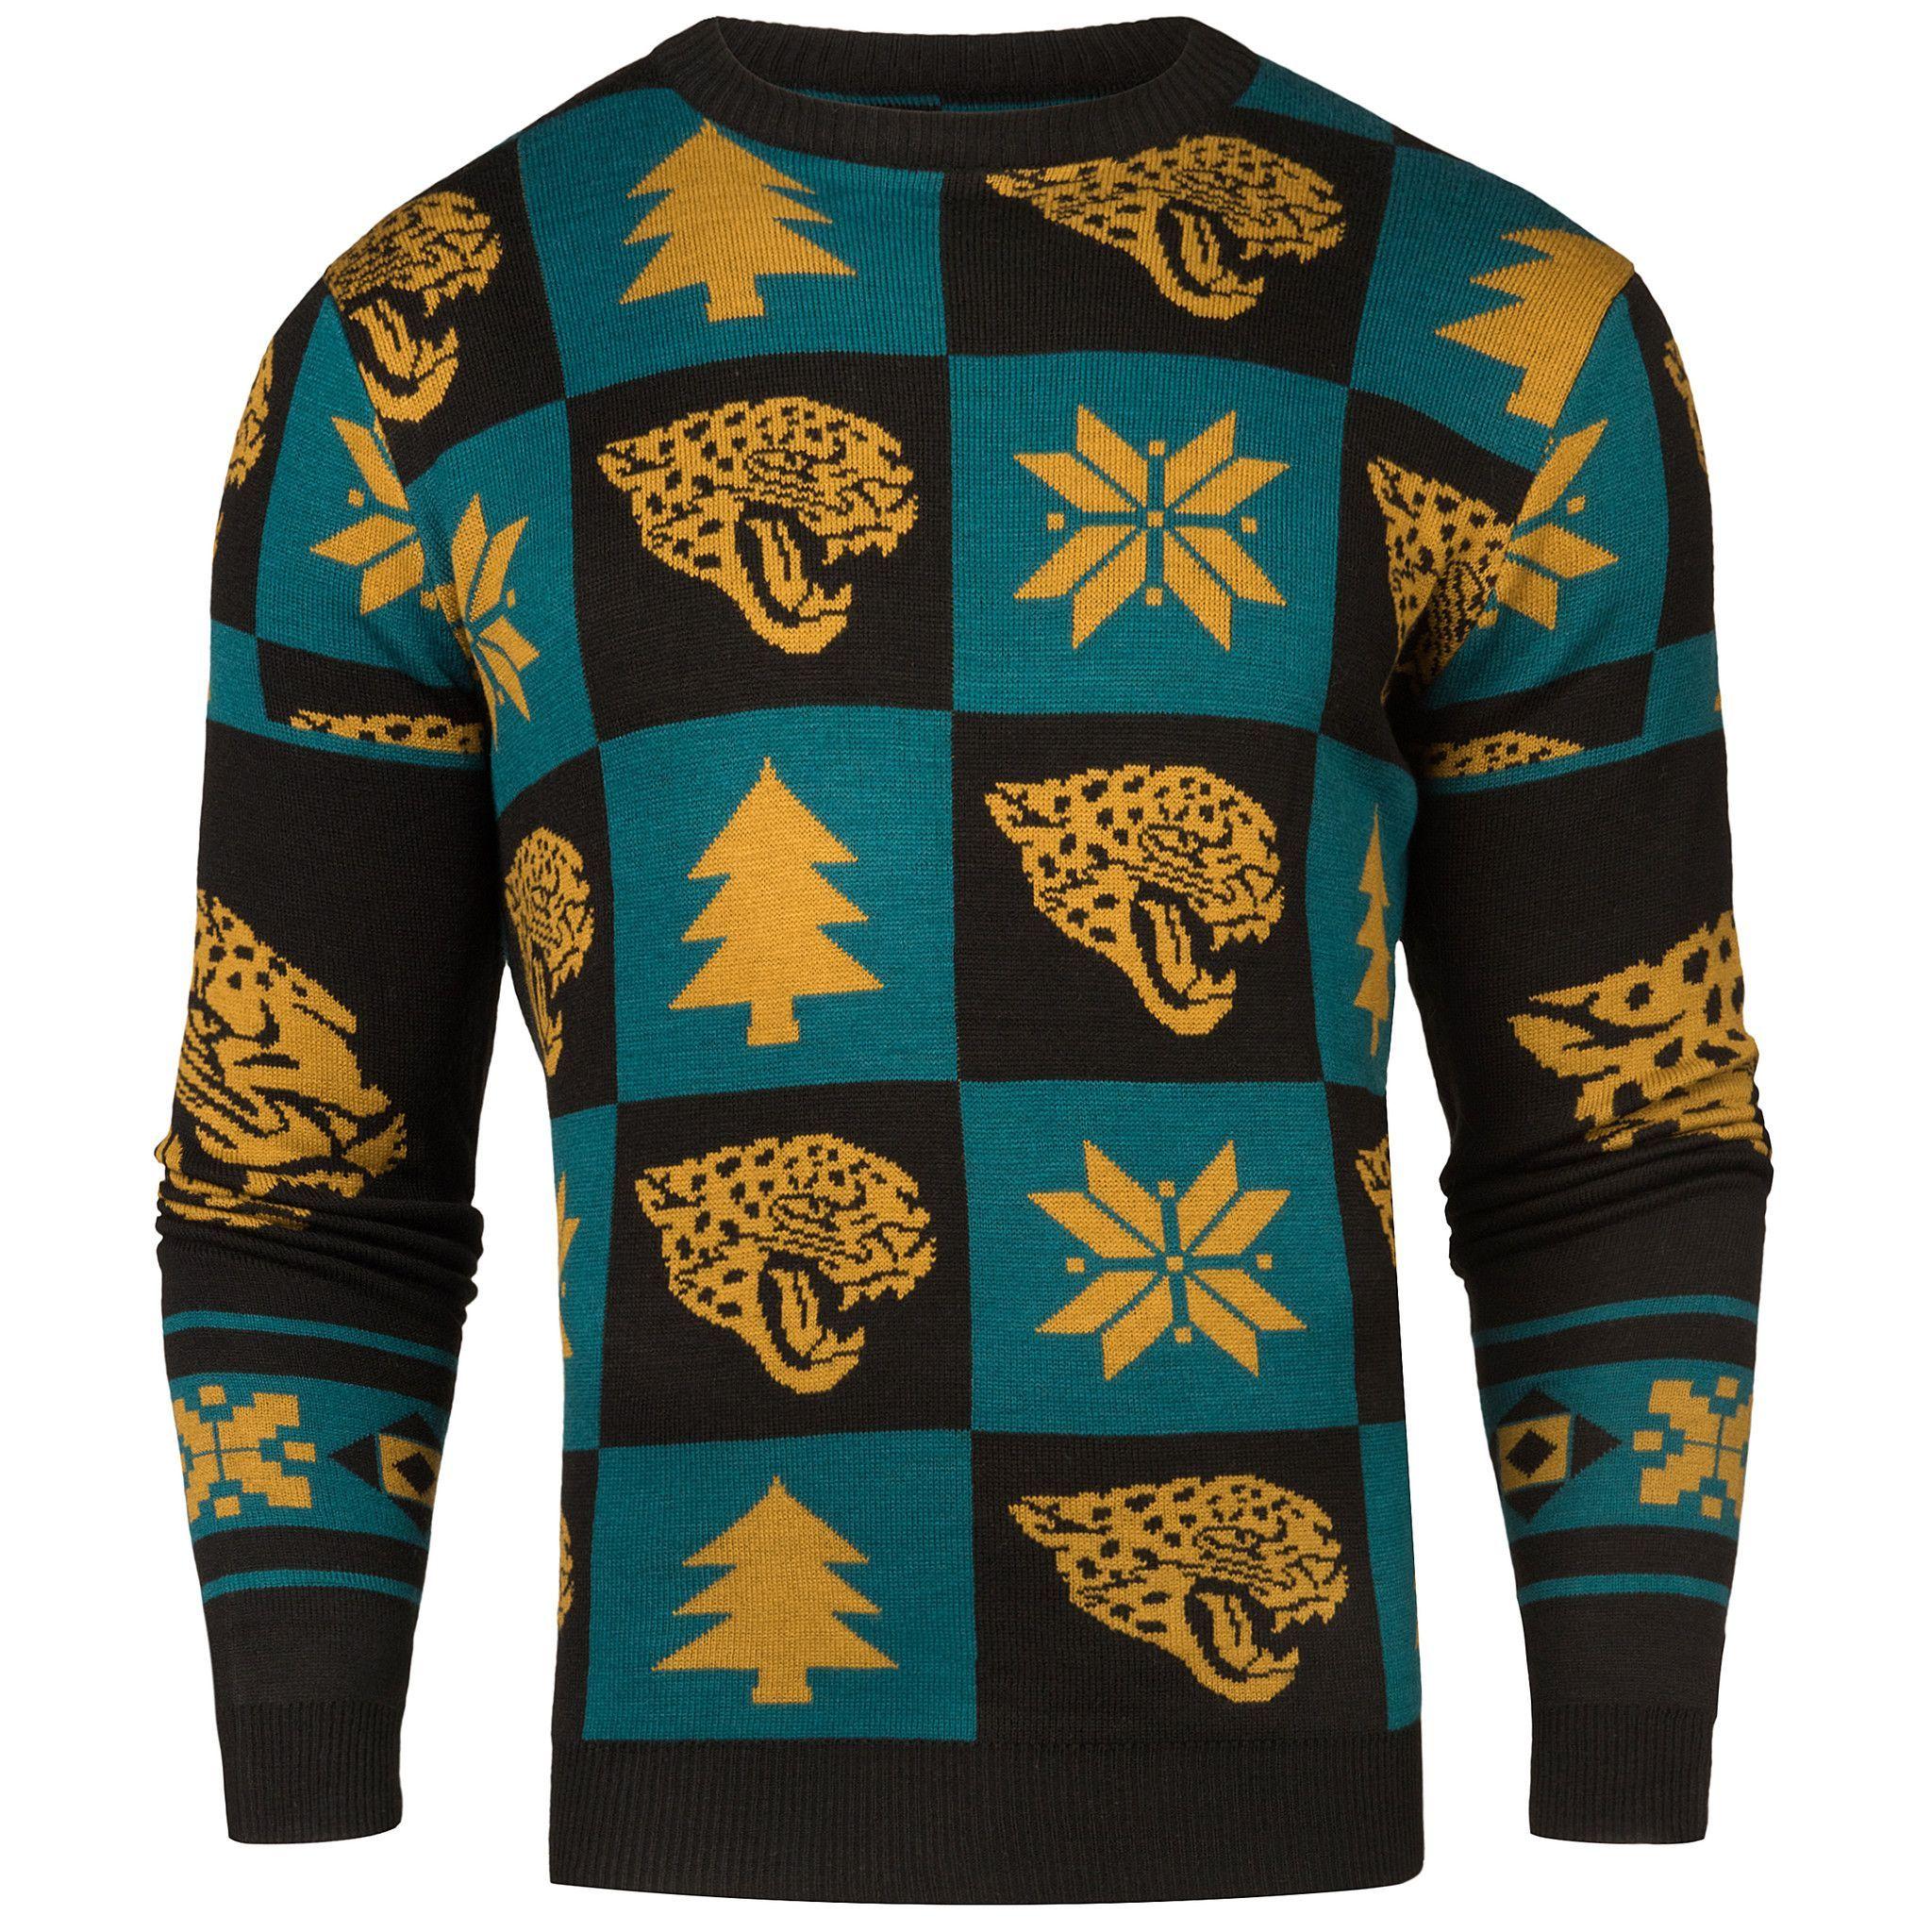 jaguar jacksonville da shirt nike shirts men facility t jaguars s pin